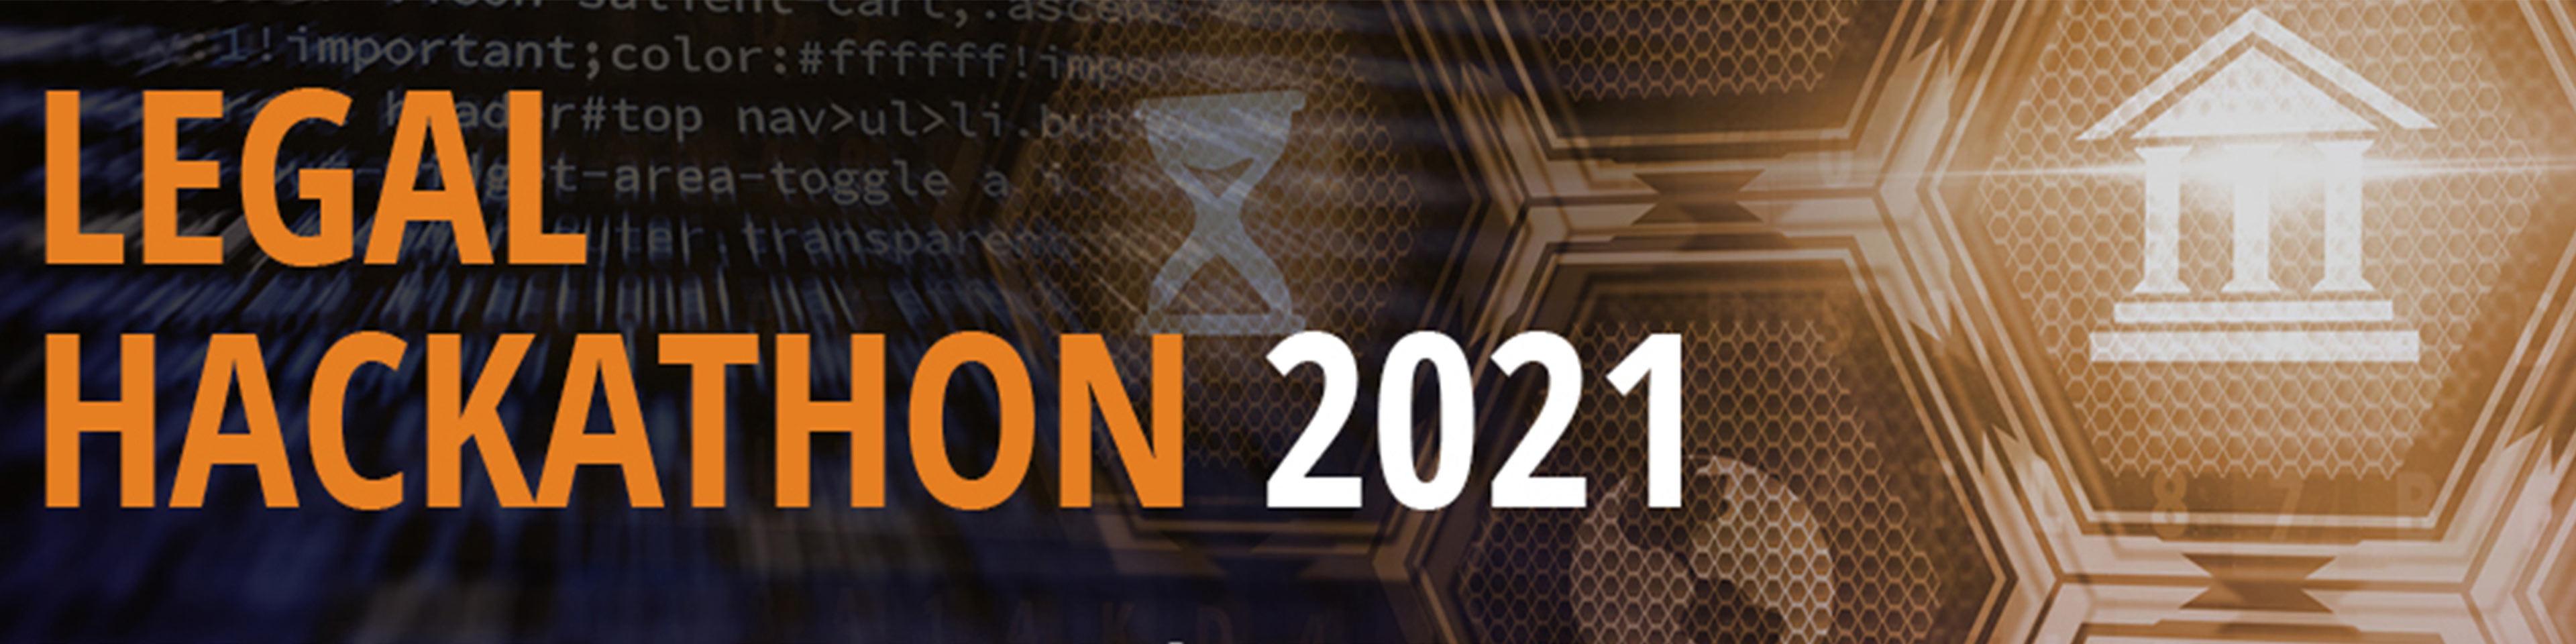 Legal Hackathon 2021 PM